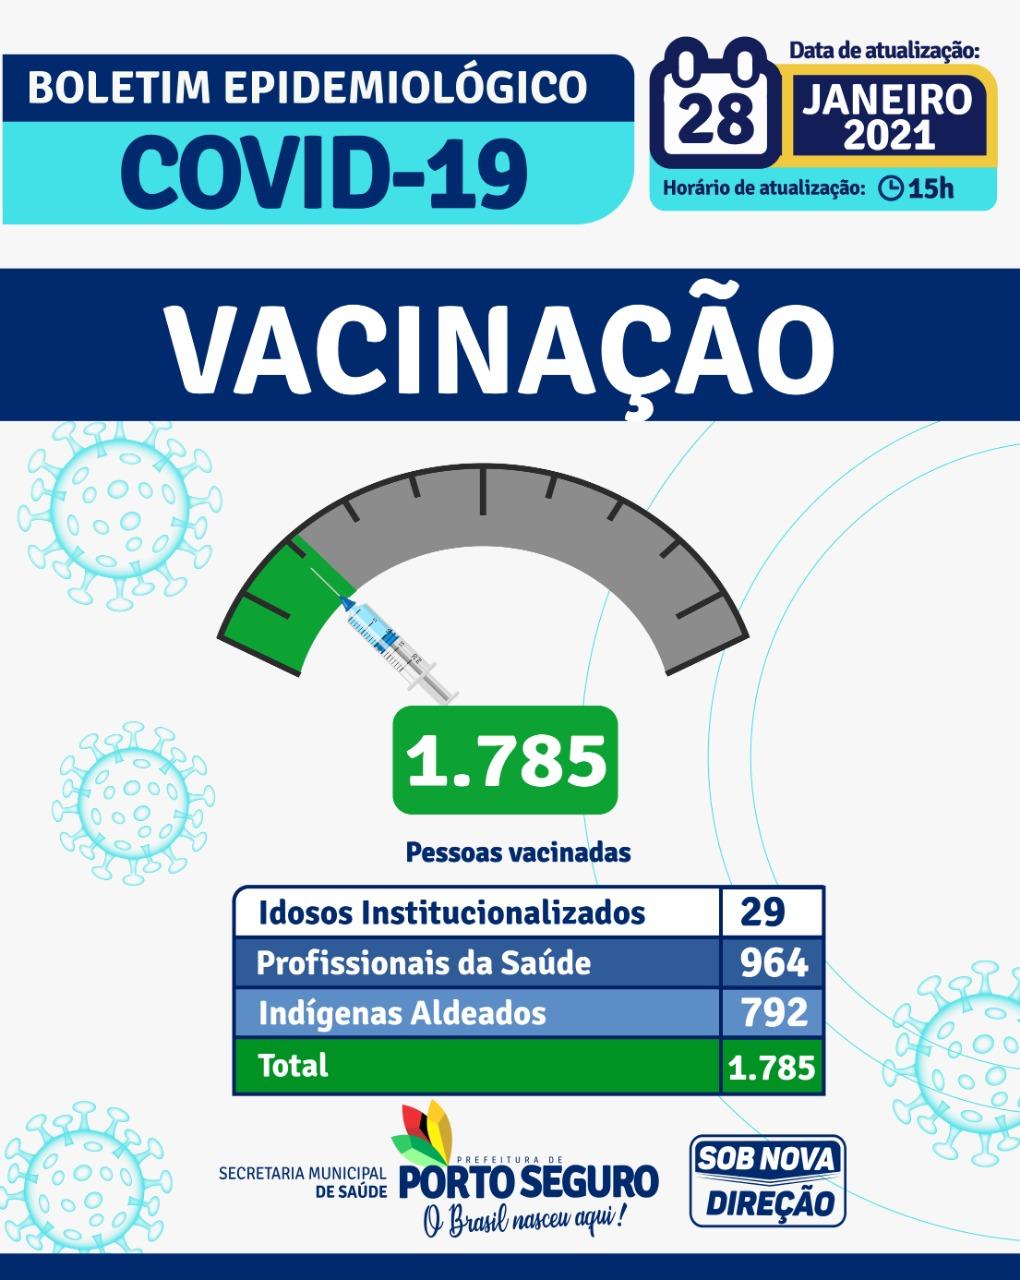 Porto Seguro: Boletim Epidemiológico Coronavírus (quinta feira) 28/01 27